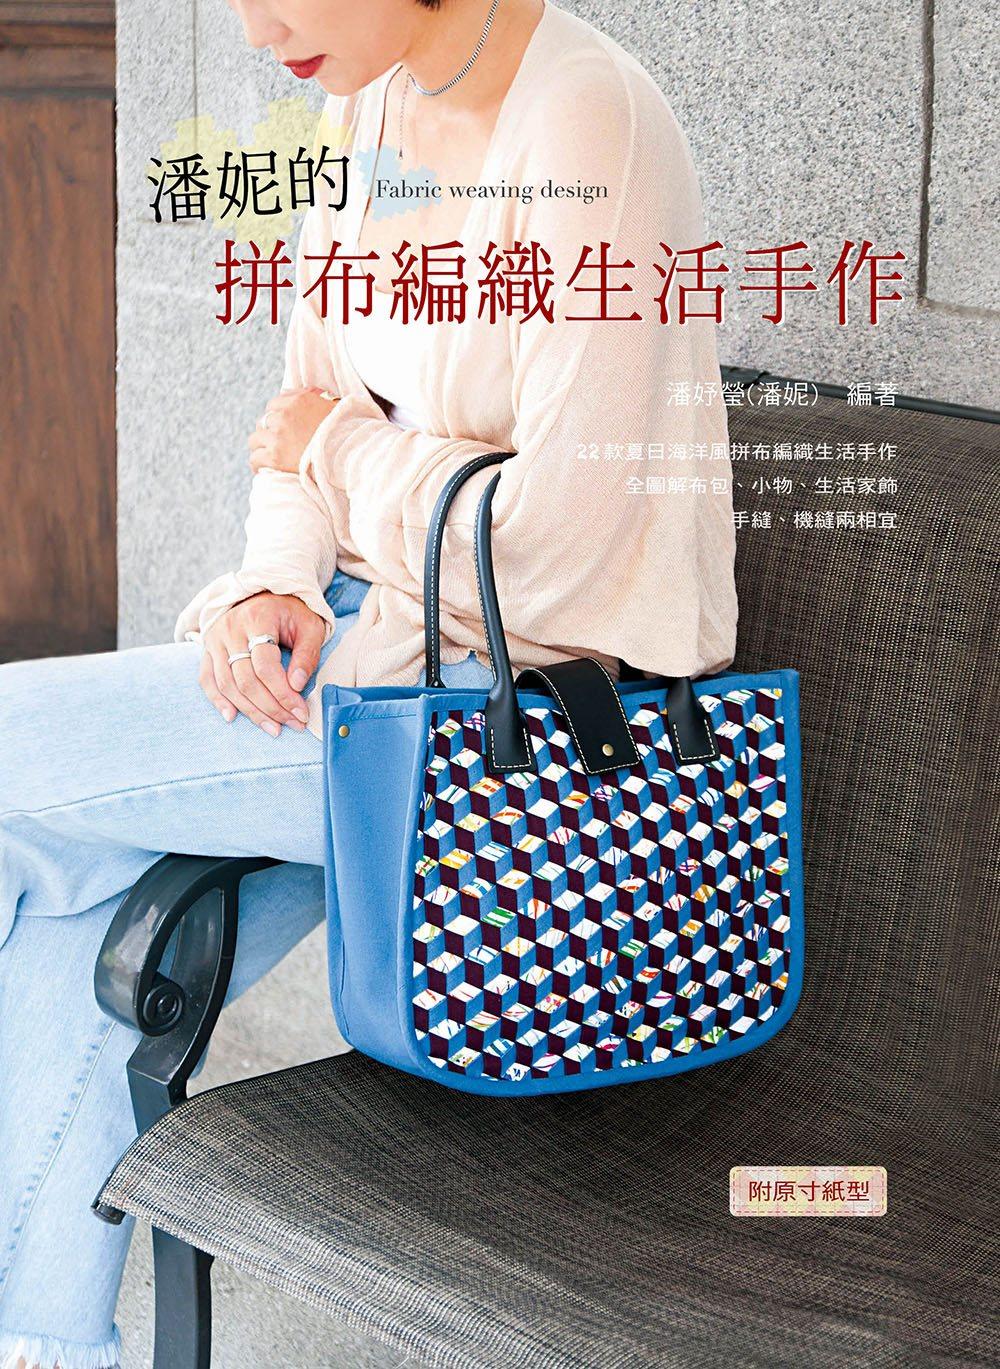 ◤博客來BOOKS◢ 暢銷書榜《推薦》潘妮的拼布編織生活手作